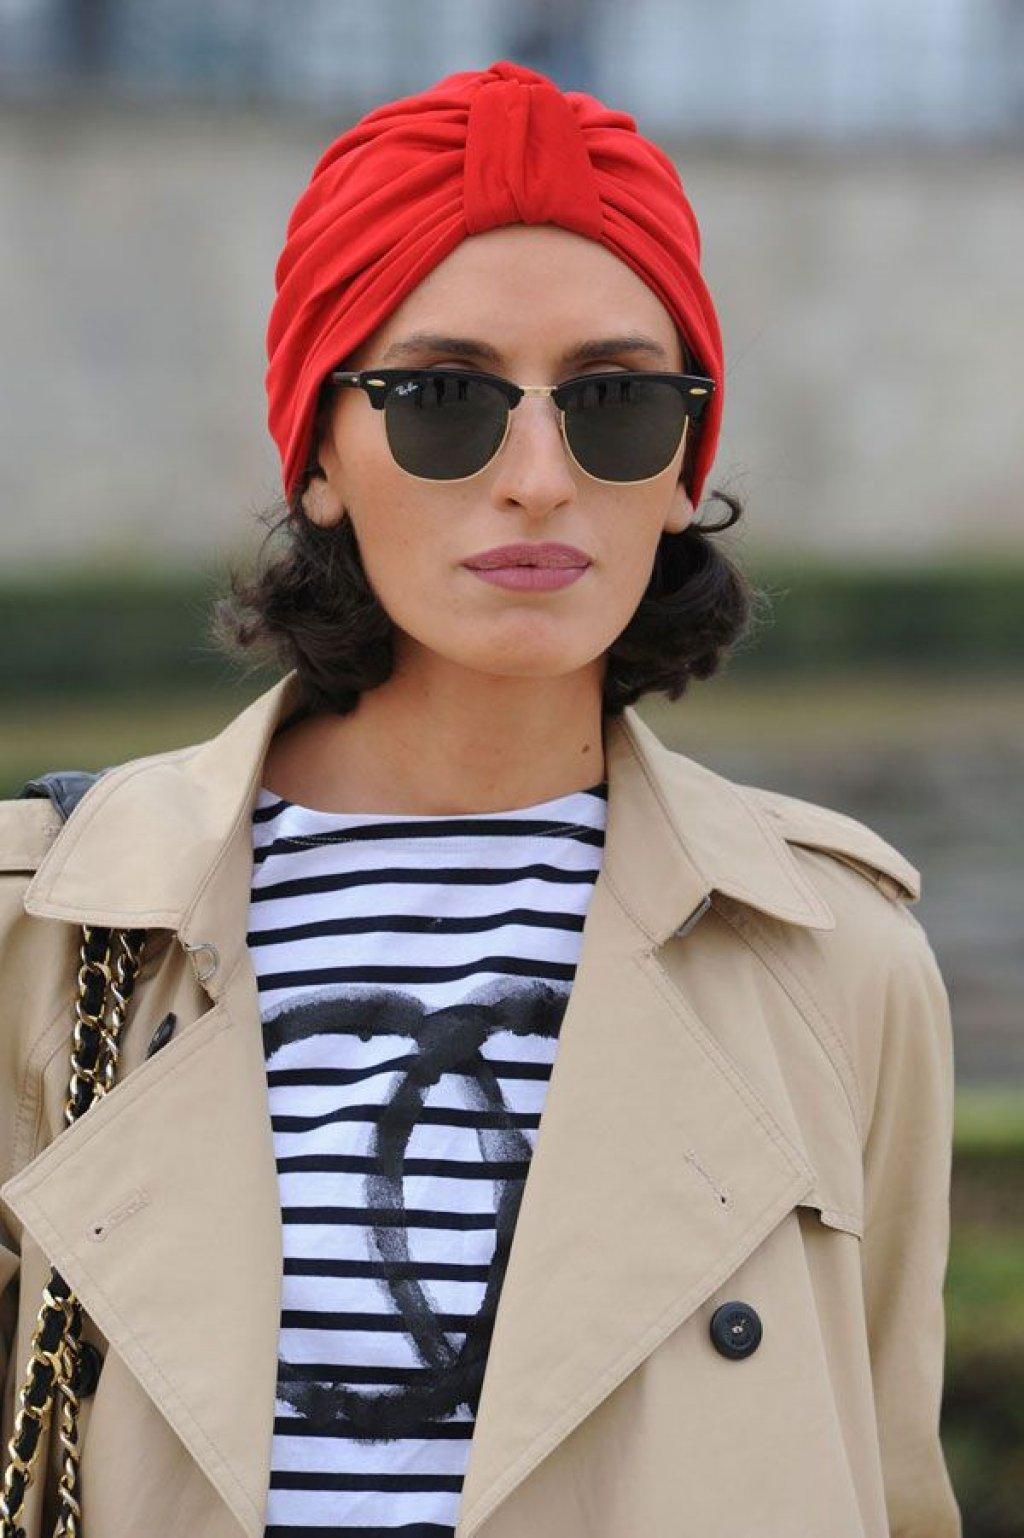 khăn turban màu đỏ